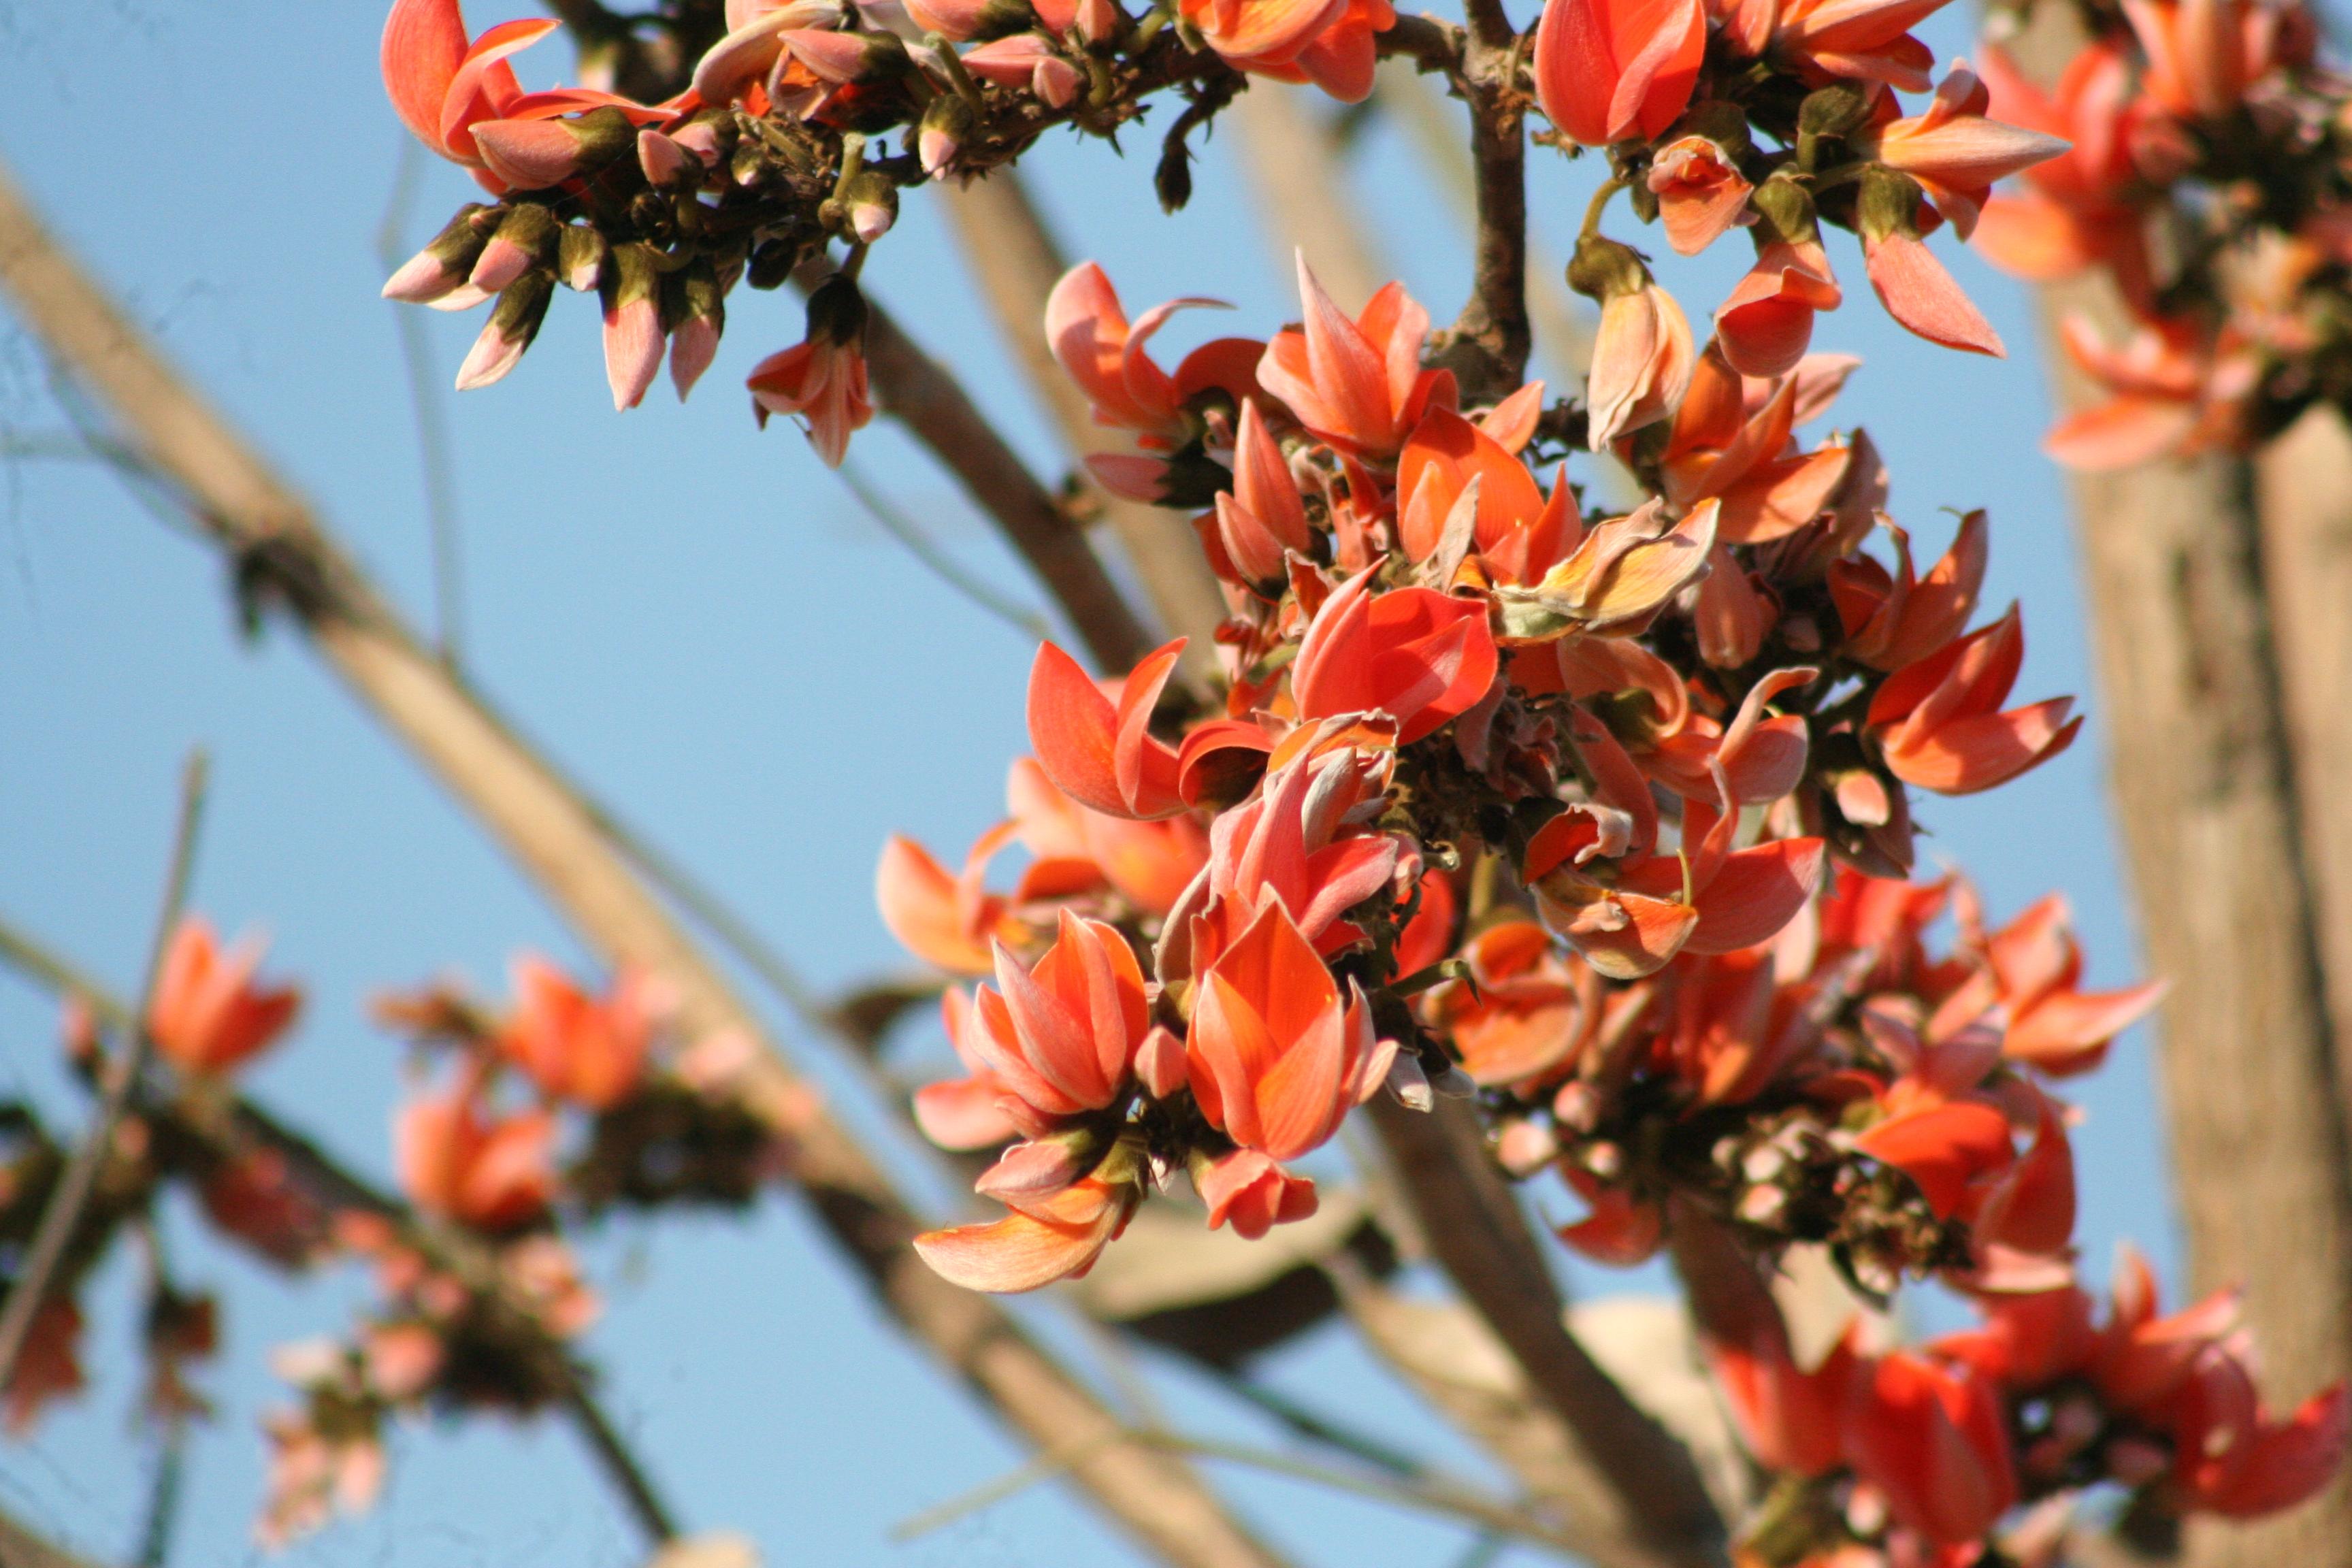 alashflowers,brightred,peppertheskylineinharkhandduringfall,alsoknownasforestfire